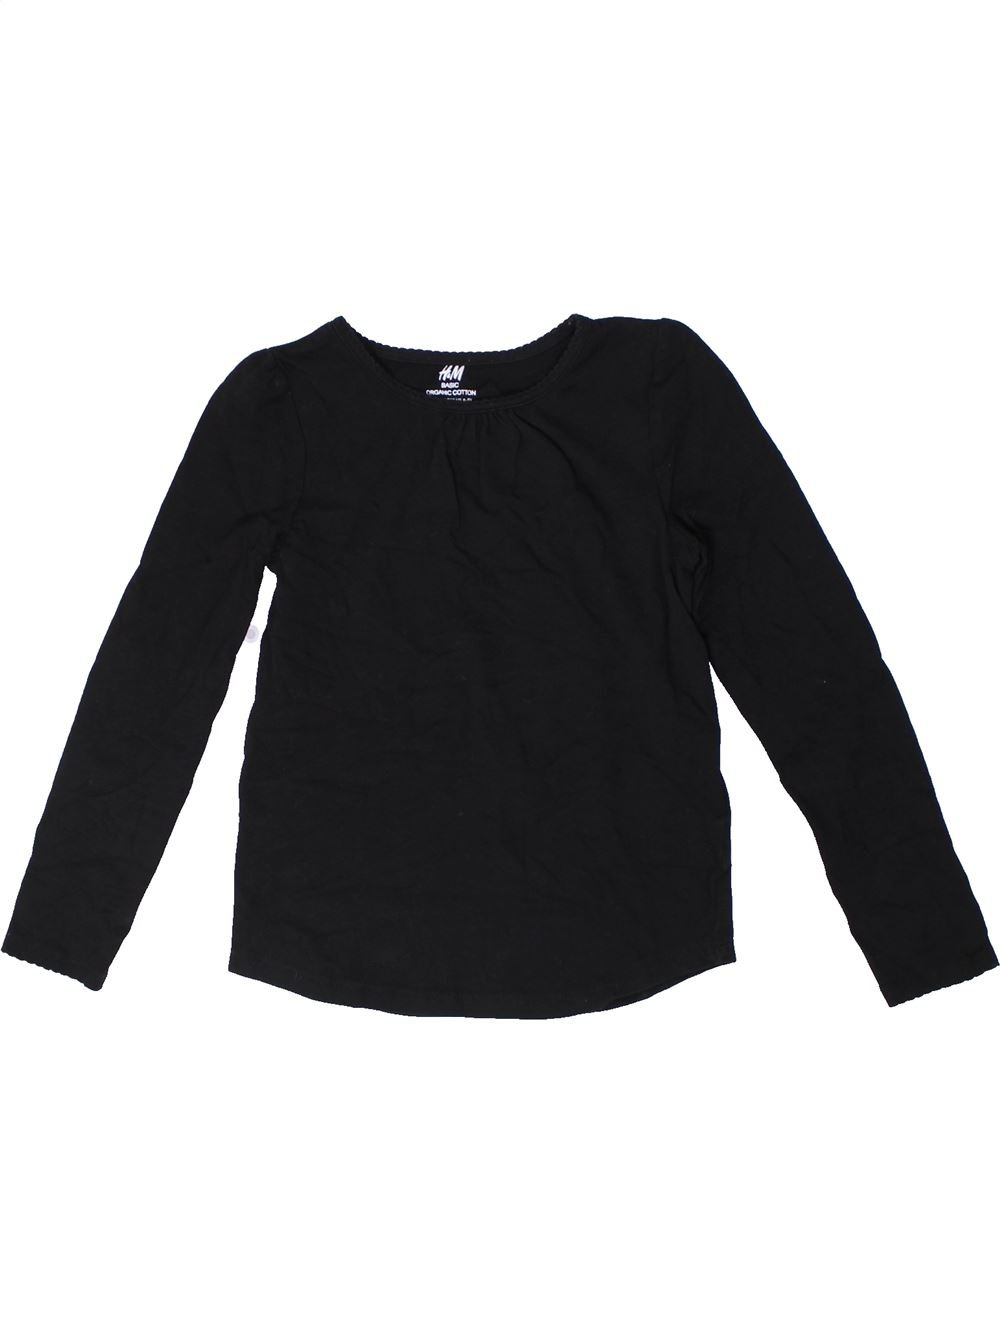 1cd80bf41ddcc T-shirt manches longues noir H M du 8 ans pour Fille - 1299912